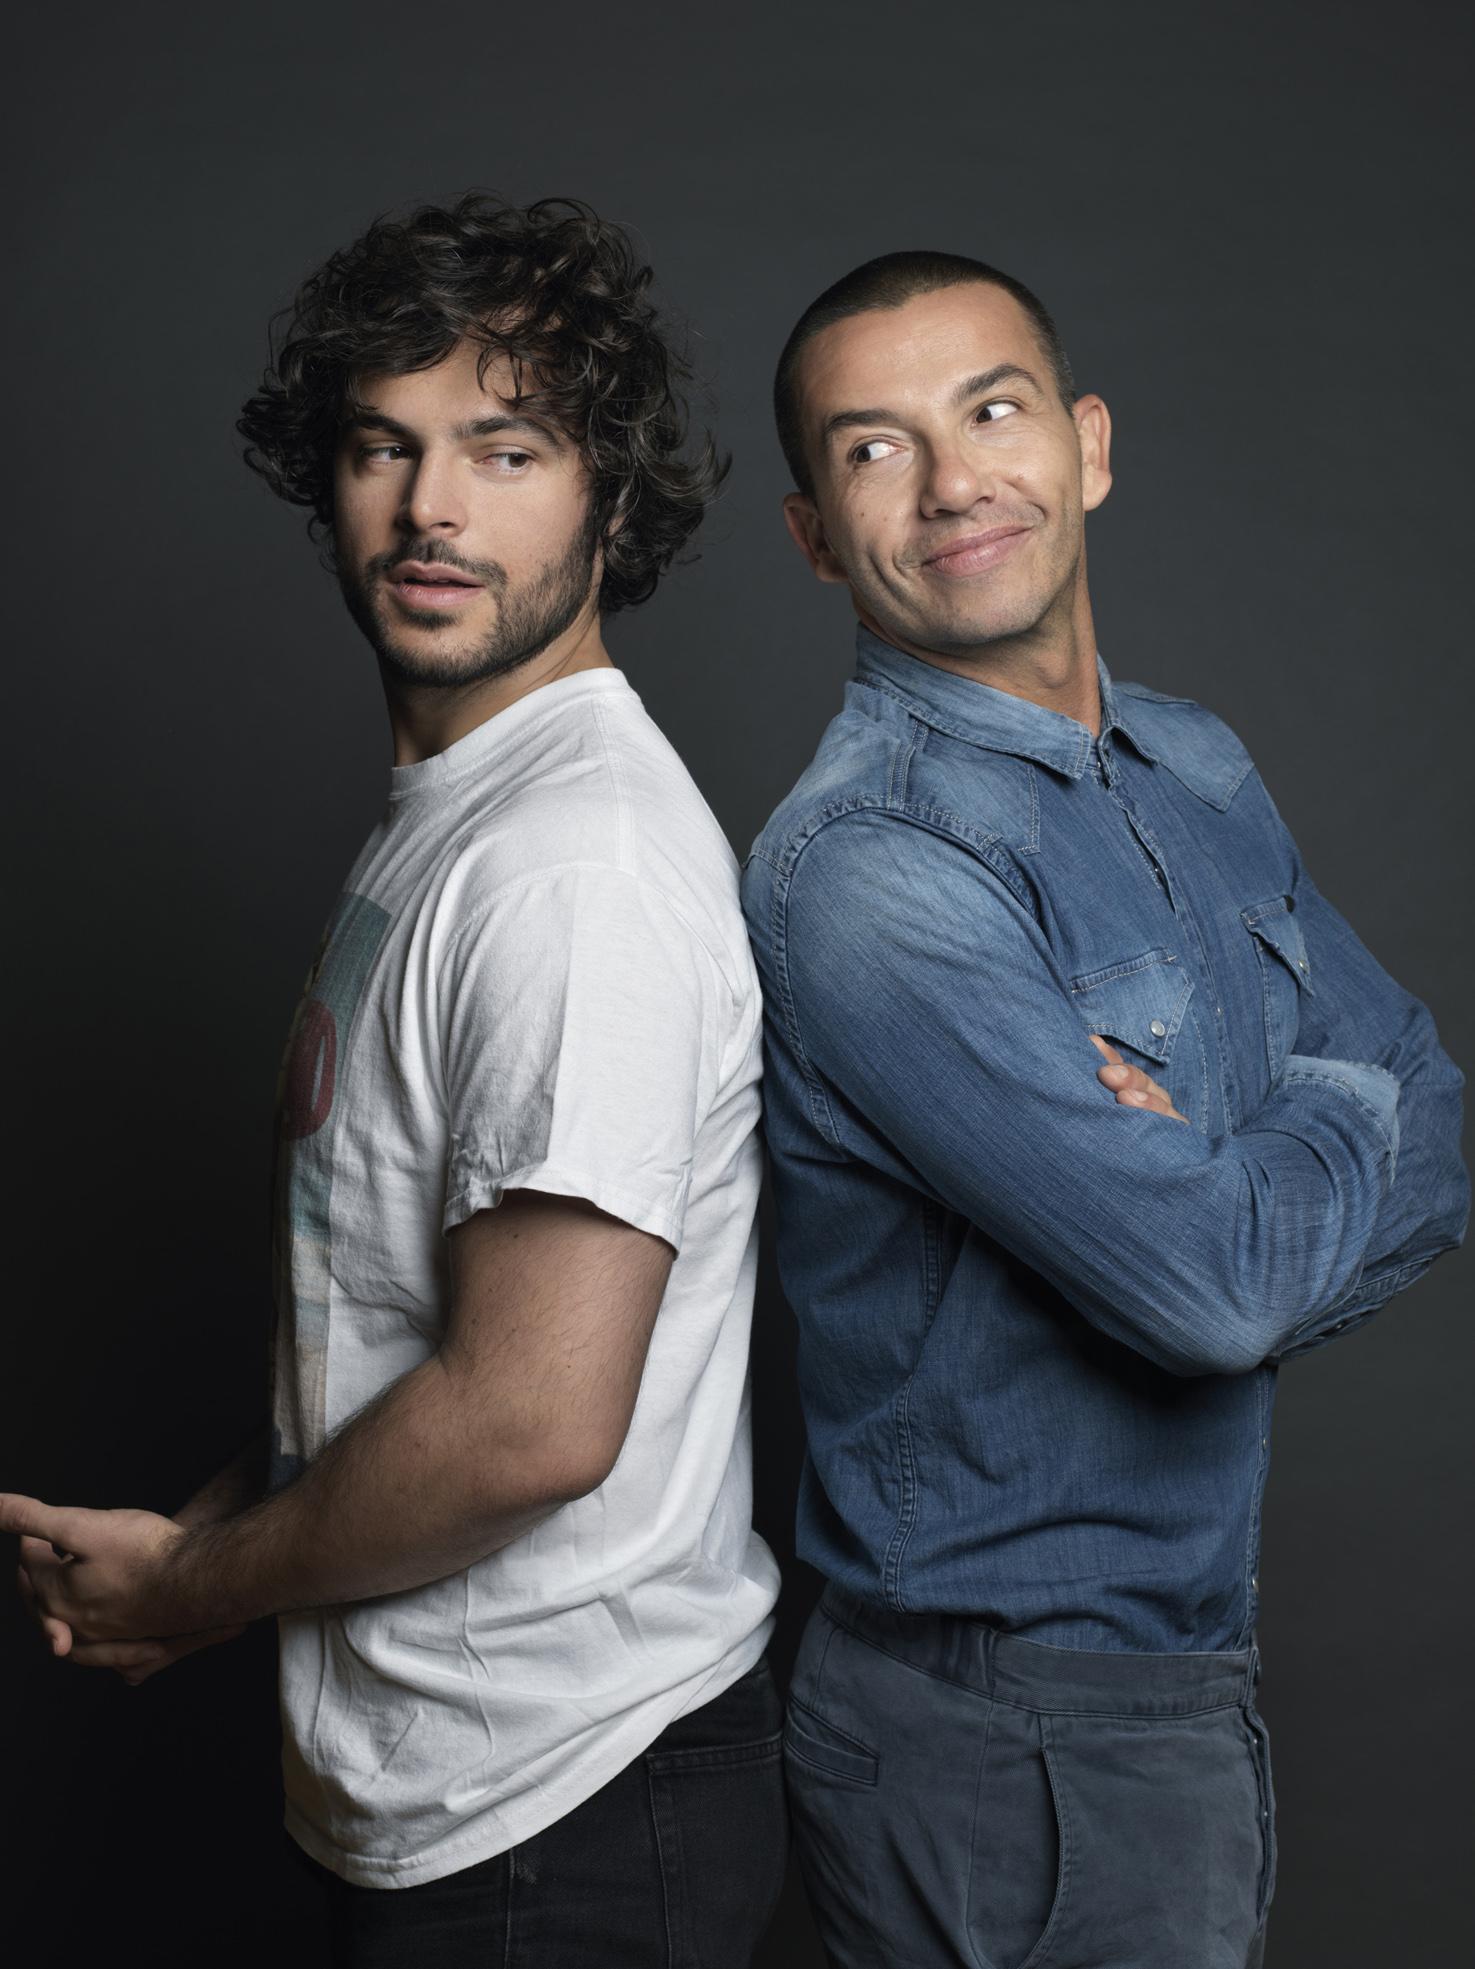 Guglielmo e Diego@BARRACO